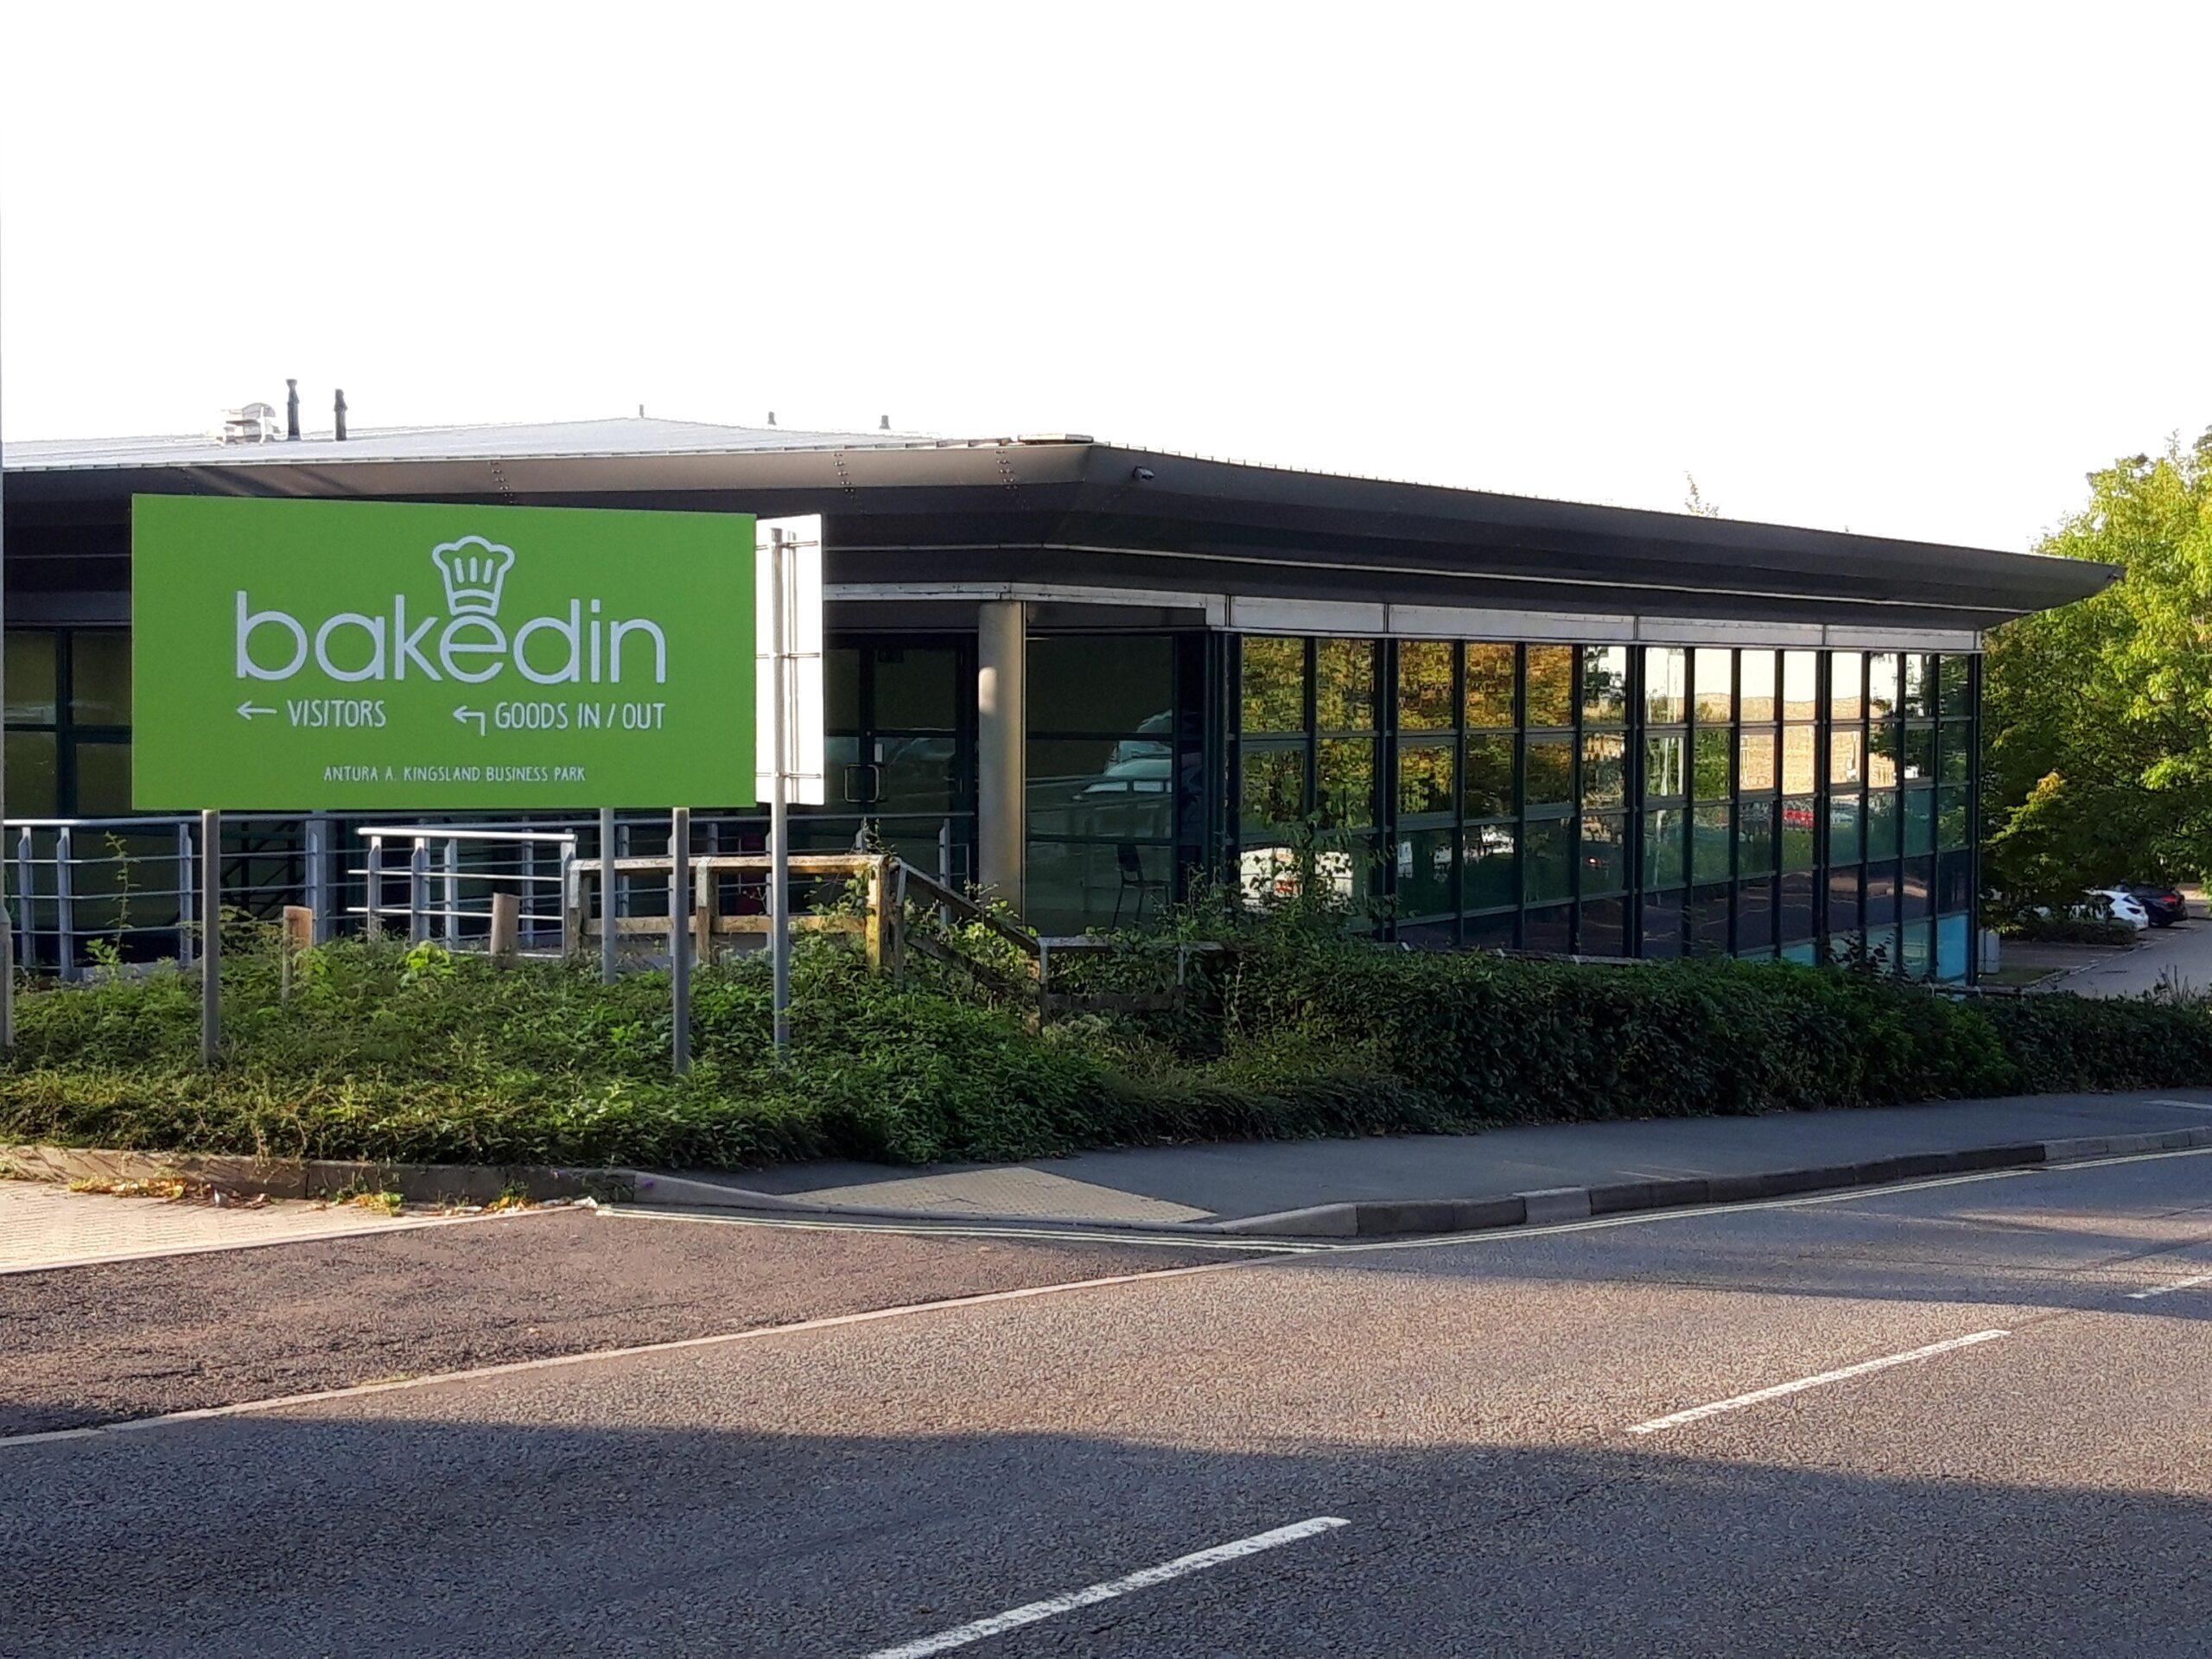 Bakedin is welcomed to Kingsland Business Park